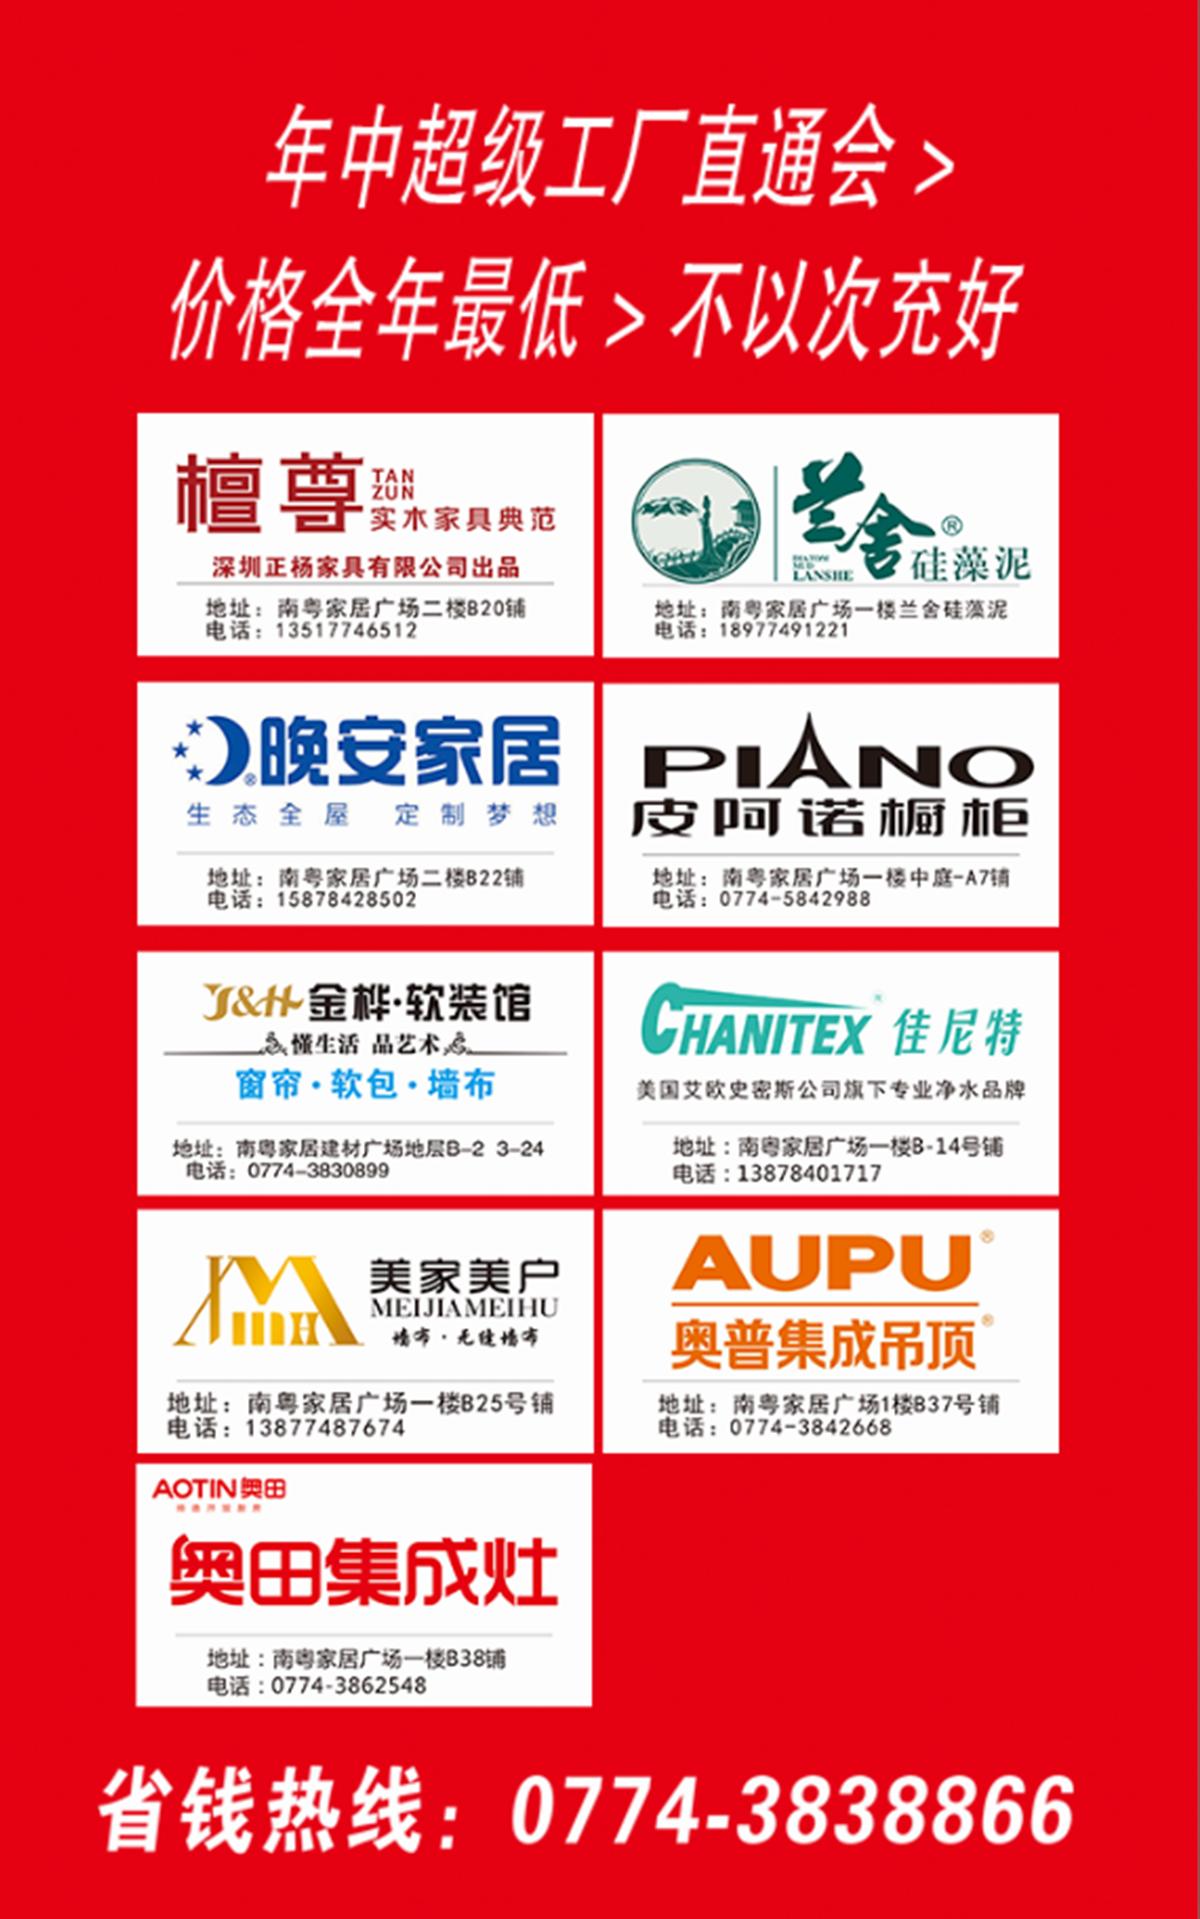 南粤家居建材城十七大品牌年中大促盛典3.png